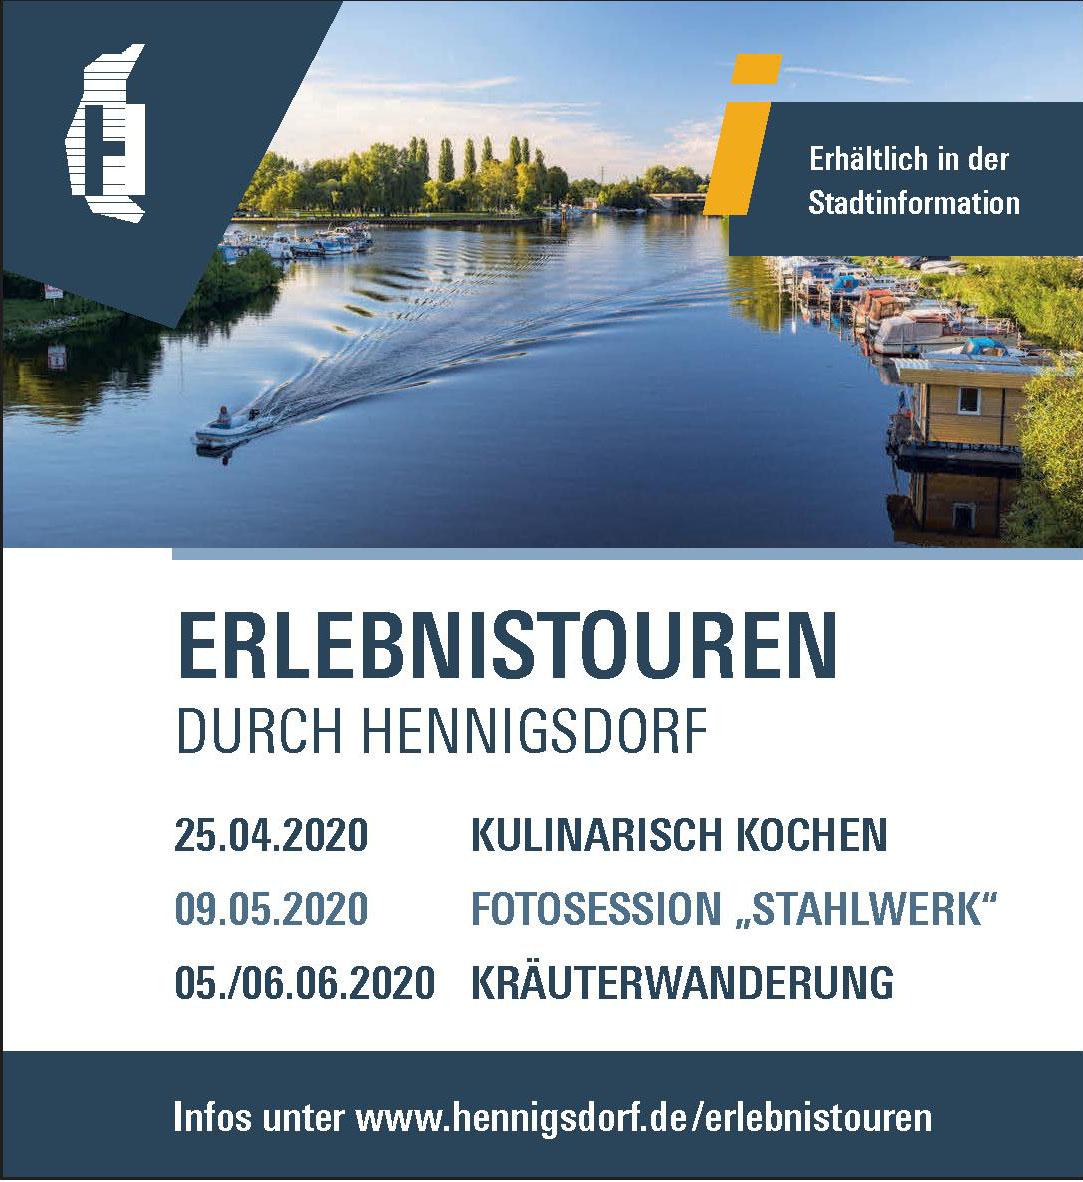 Stadt Hennigsdorf